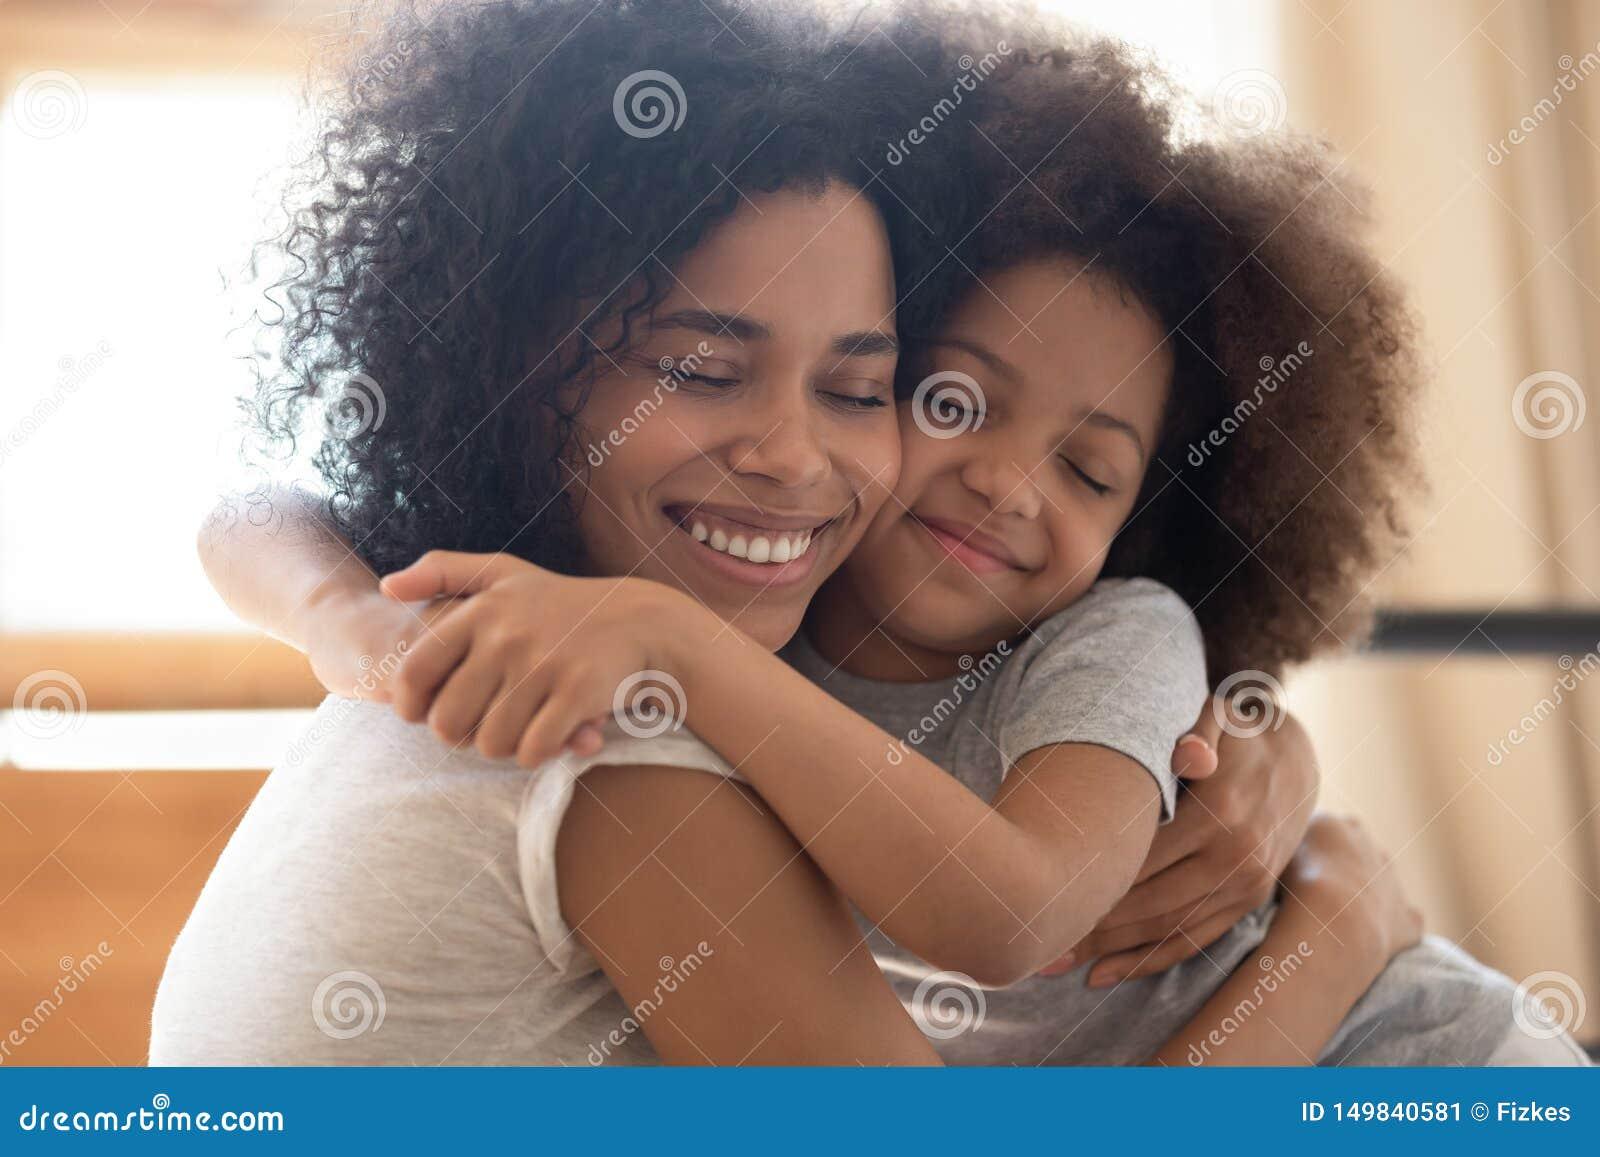 Afago africano afetuoso bonito do abraço da filha da mãe e da criança